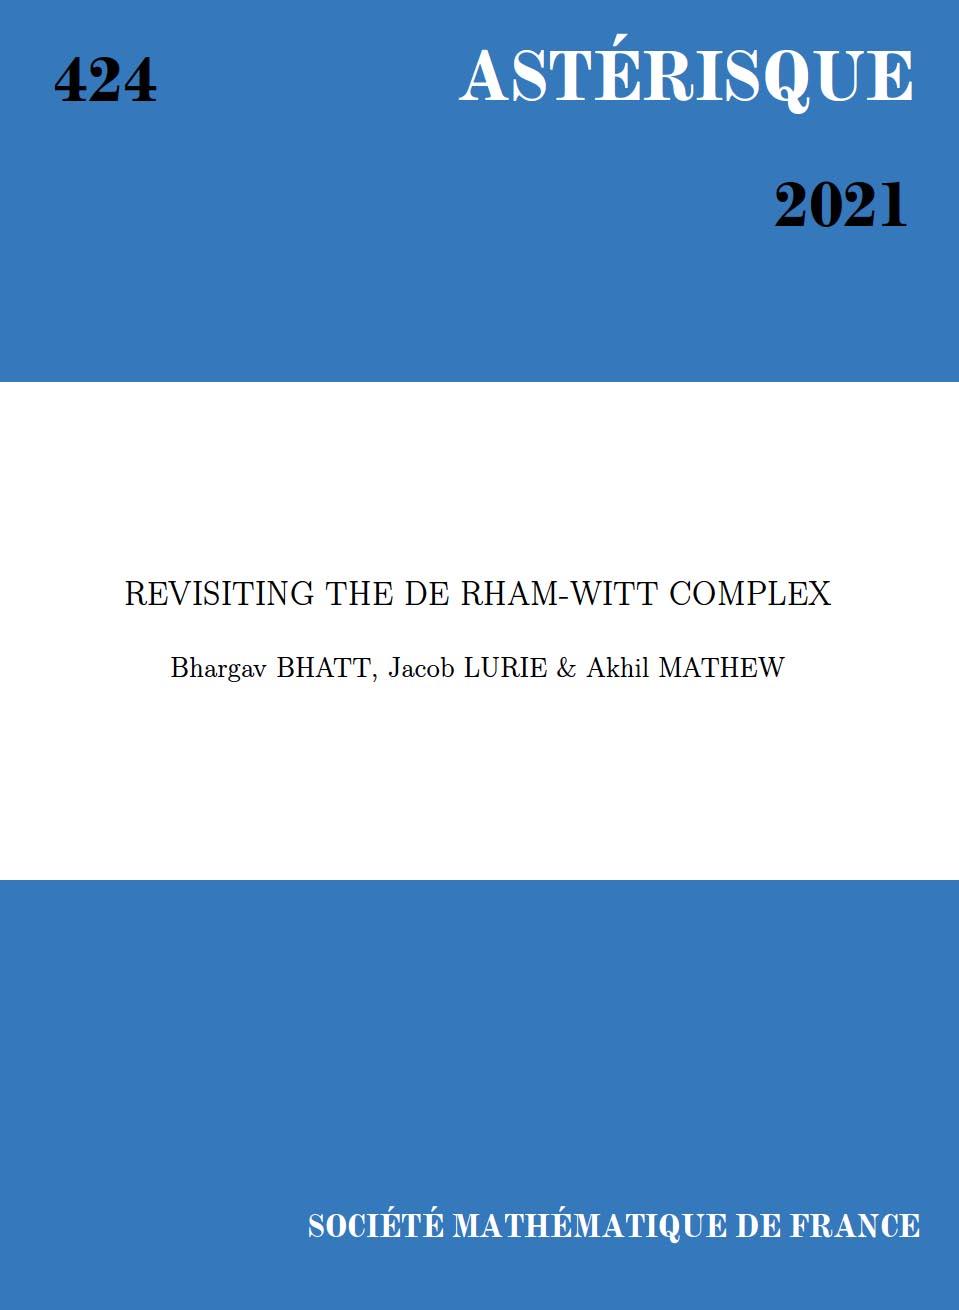 Revisiting the de Rham-Witt complex